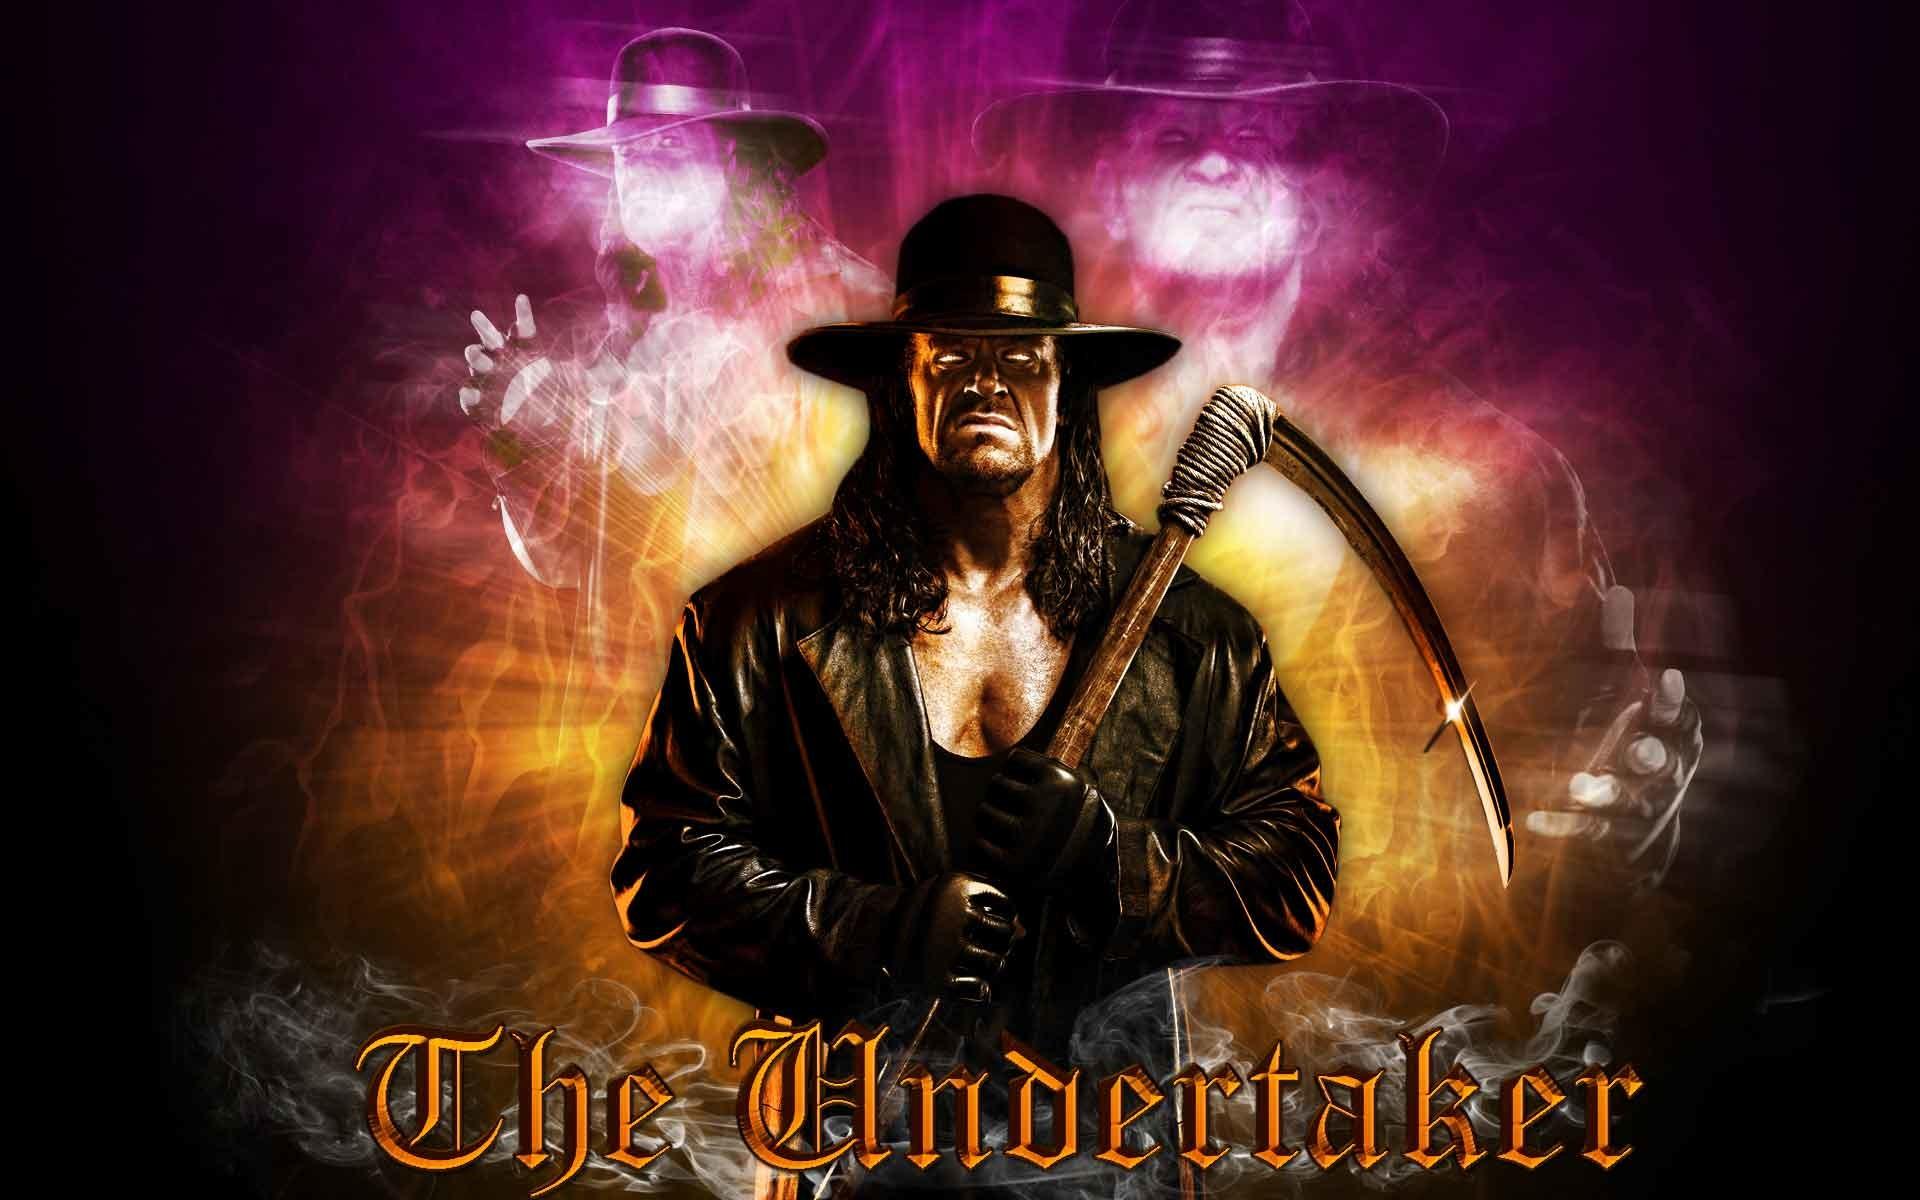 Undertaker Wallpaper 2018 Hd 1